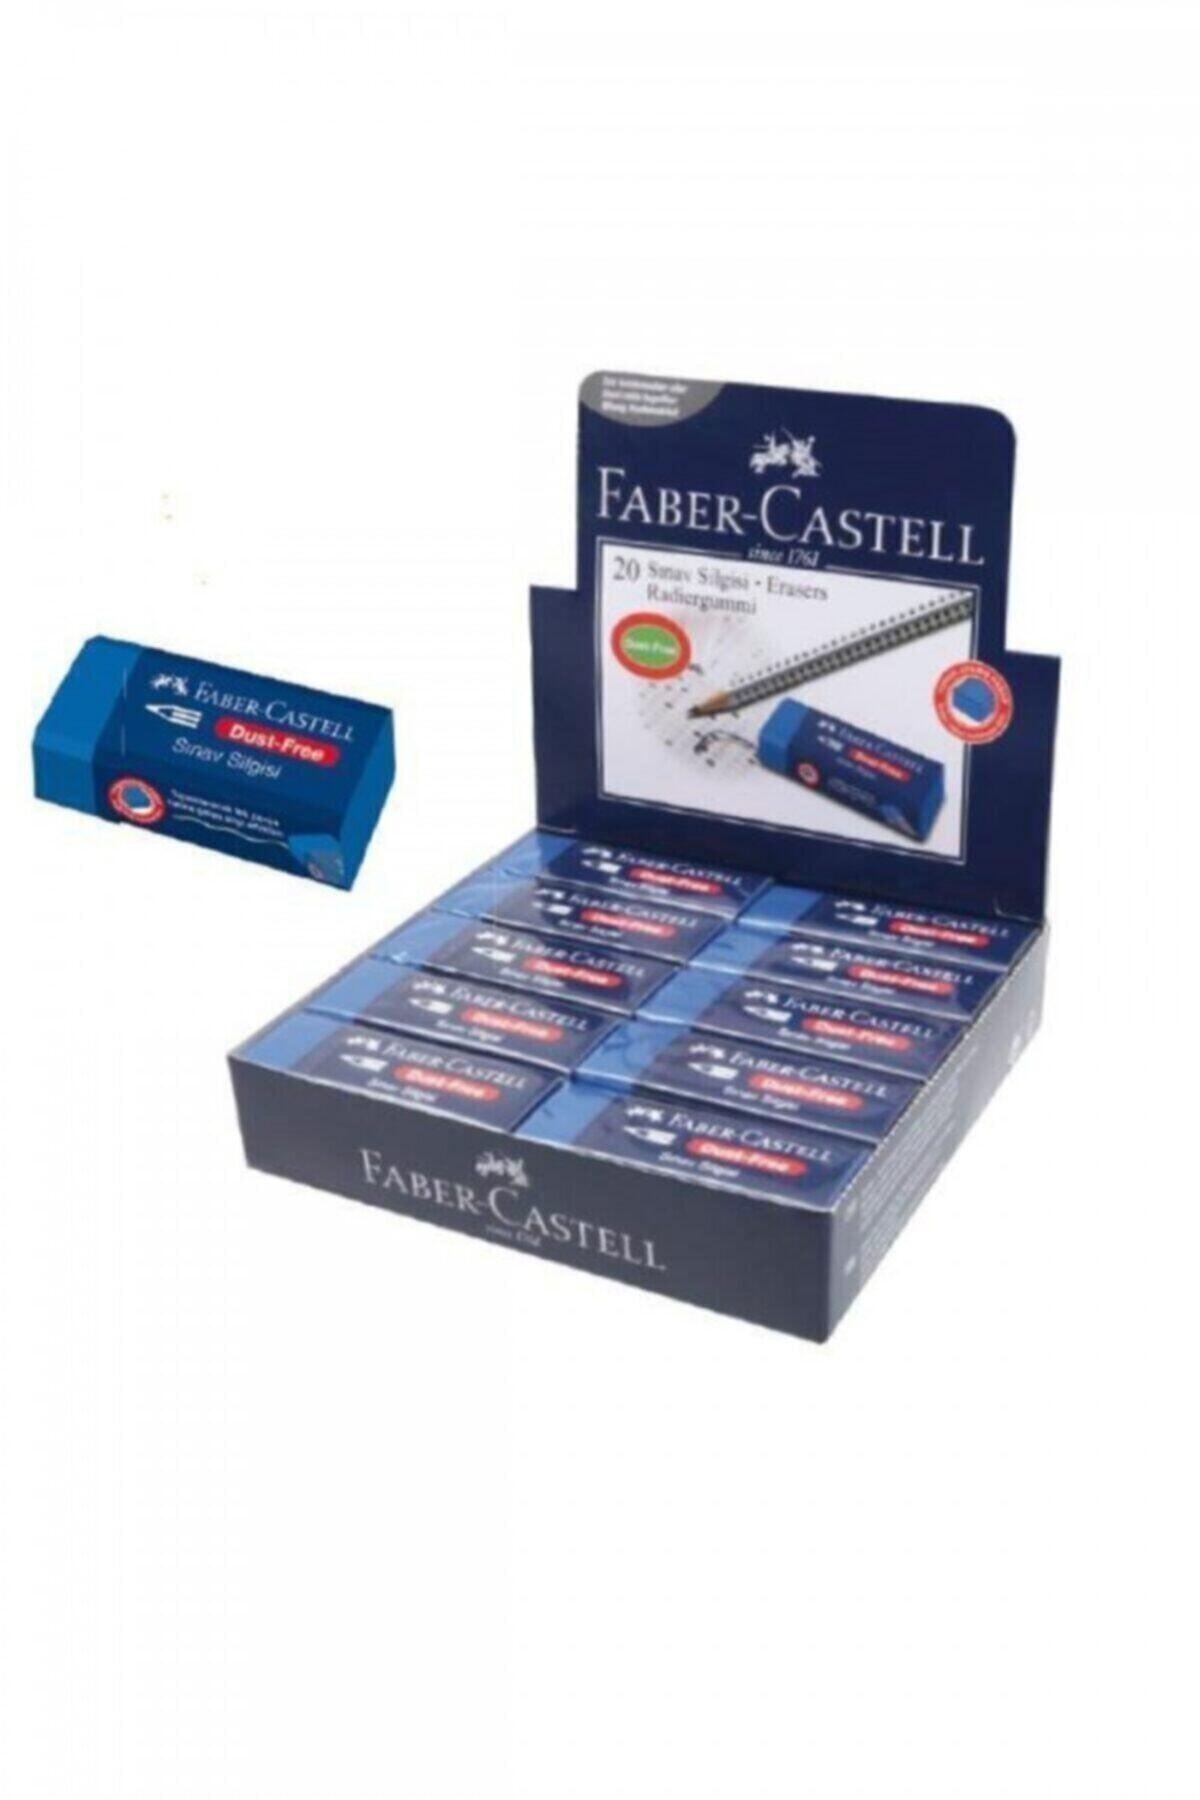 Faber Castell Büyük Boy Sınav Silgisi (10 Adet) 1